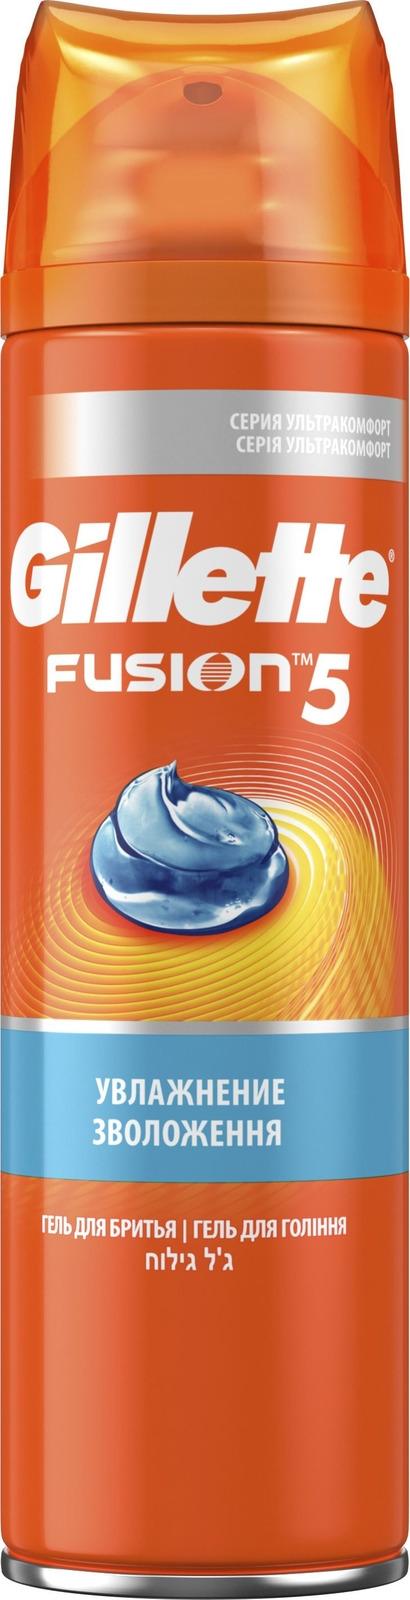 Гель Для Бритья Gillette Fusion5 Ultra Moisturizing, 200 мл мужской гель для бритья gillette fusion5 ultra sensitive 75 мл